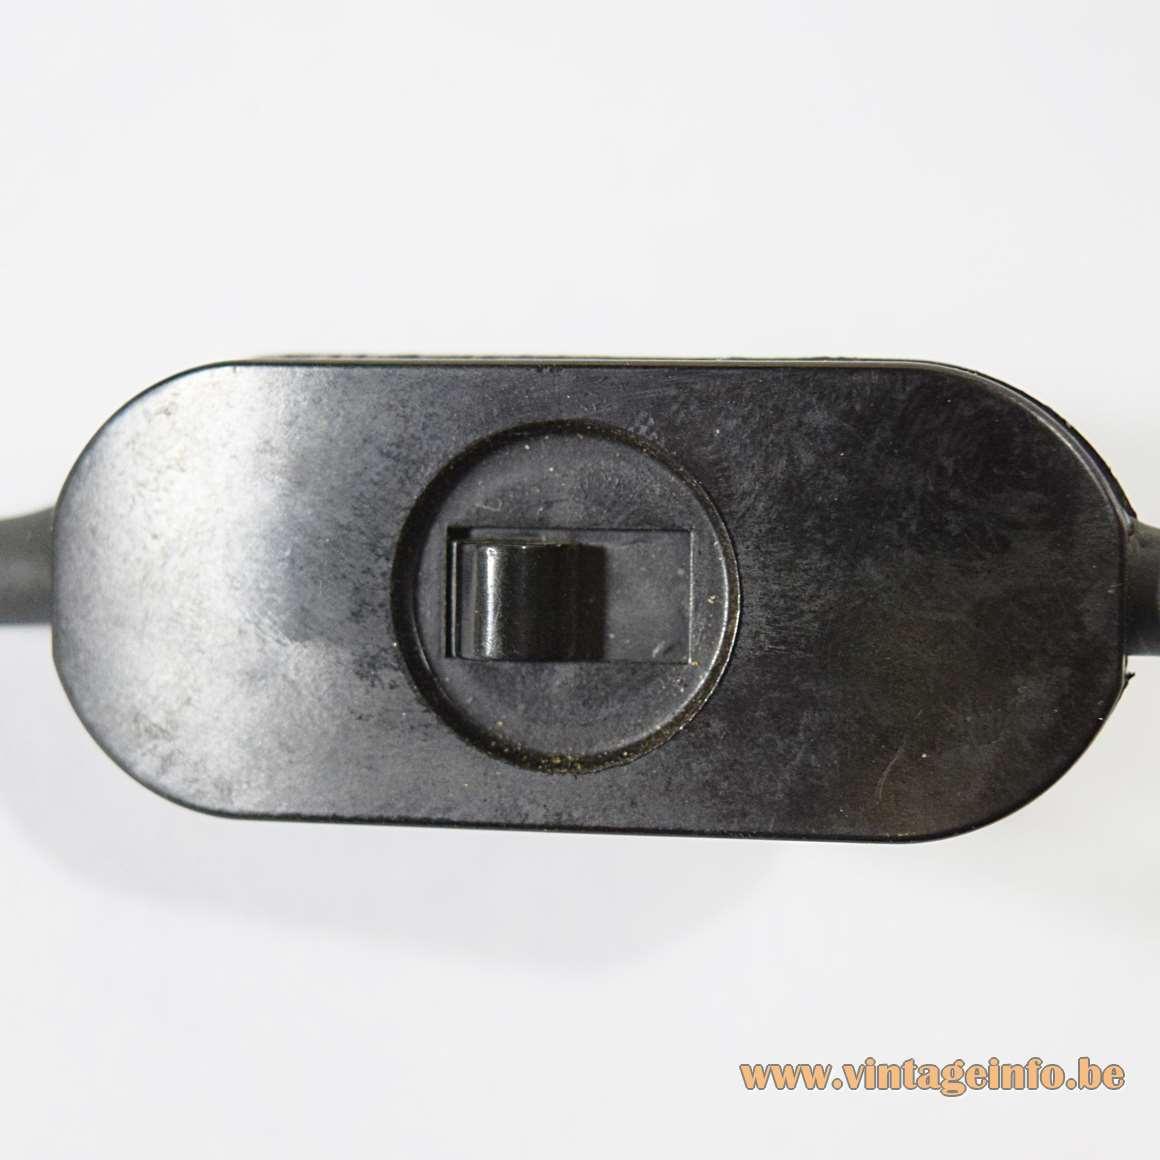 Achille Castiglioni VLM Components switch model 450